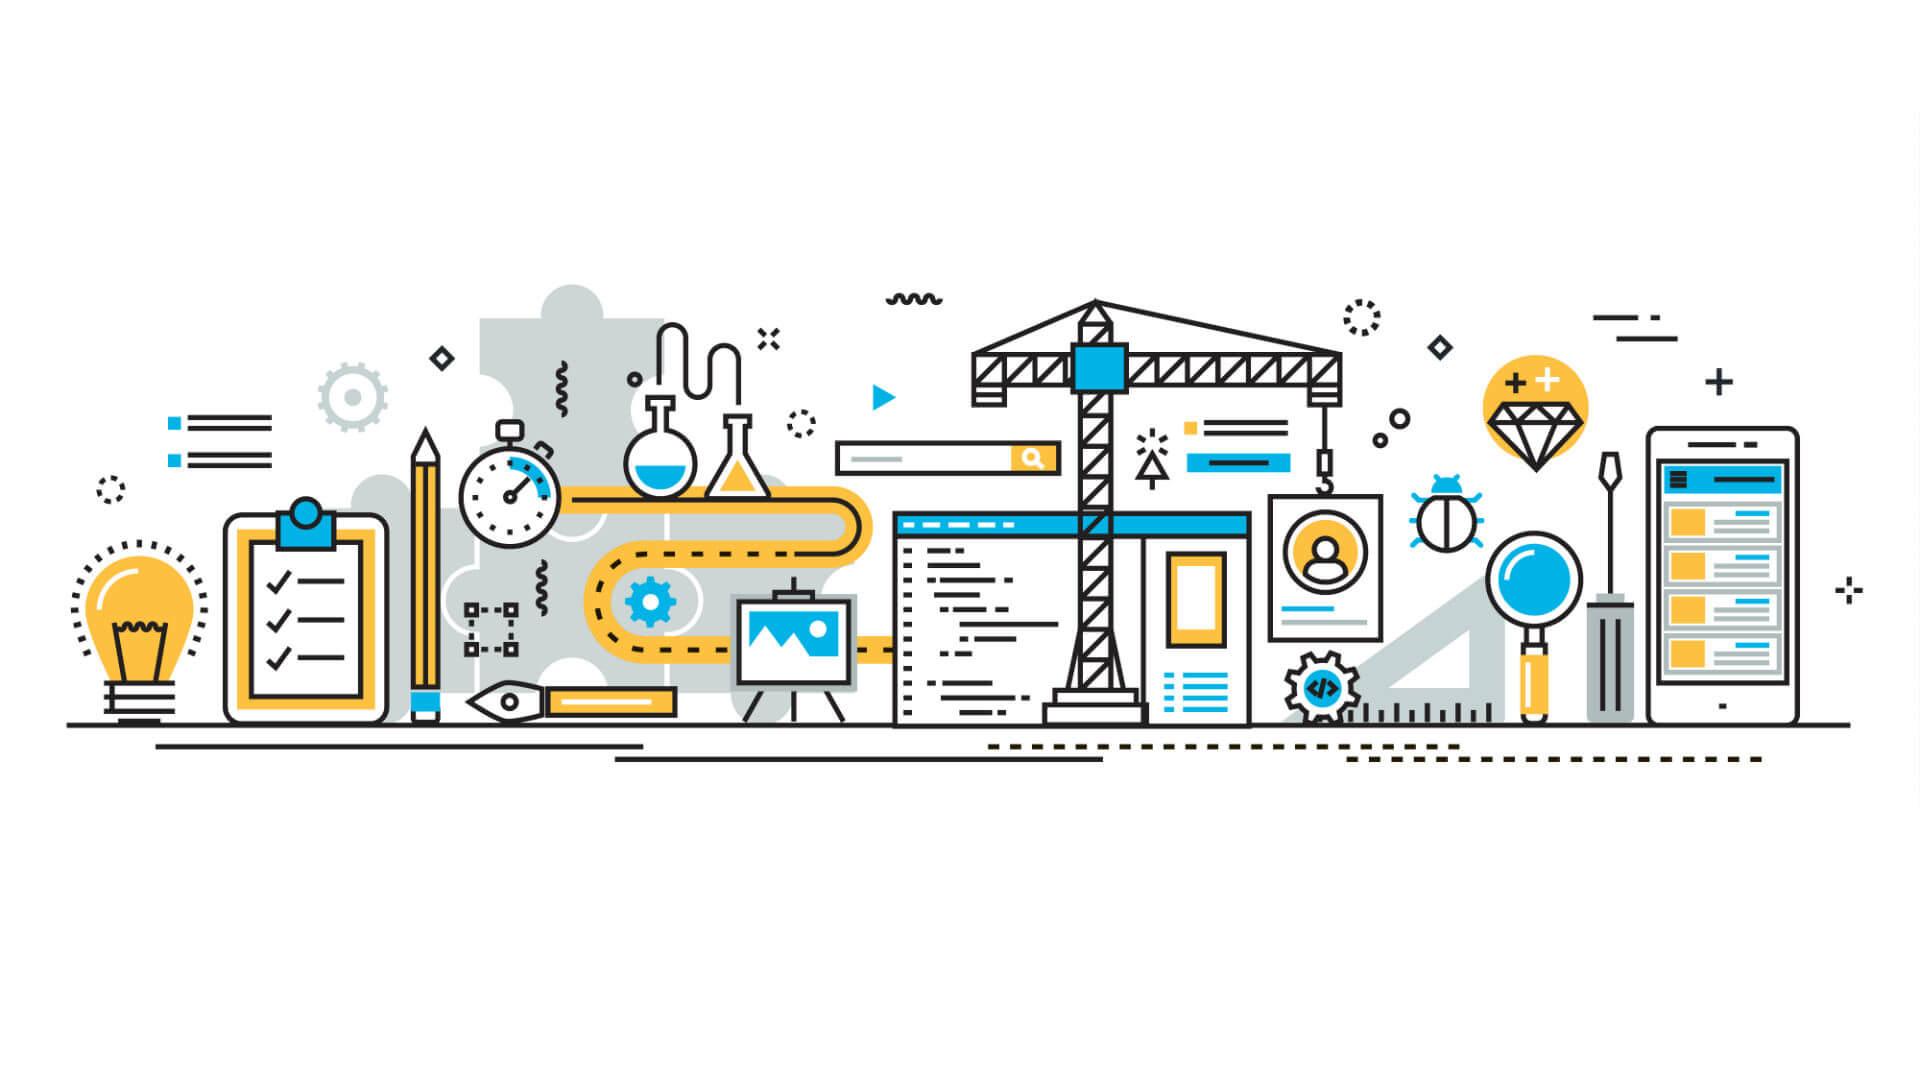 Βελτίωση ιστοσελίδας: Συμβουλές για μία καλύτερη ιστοσελίδα